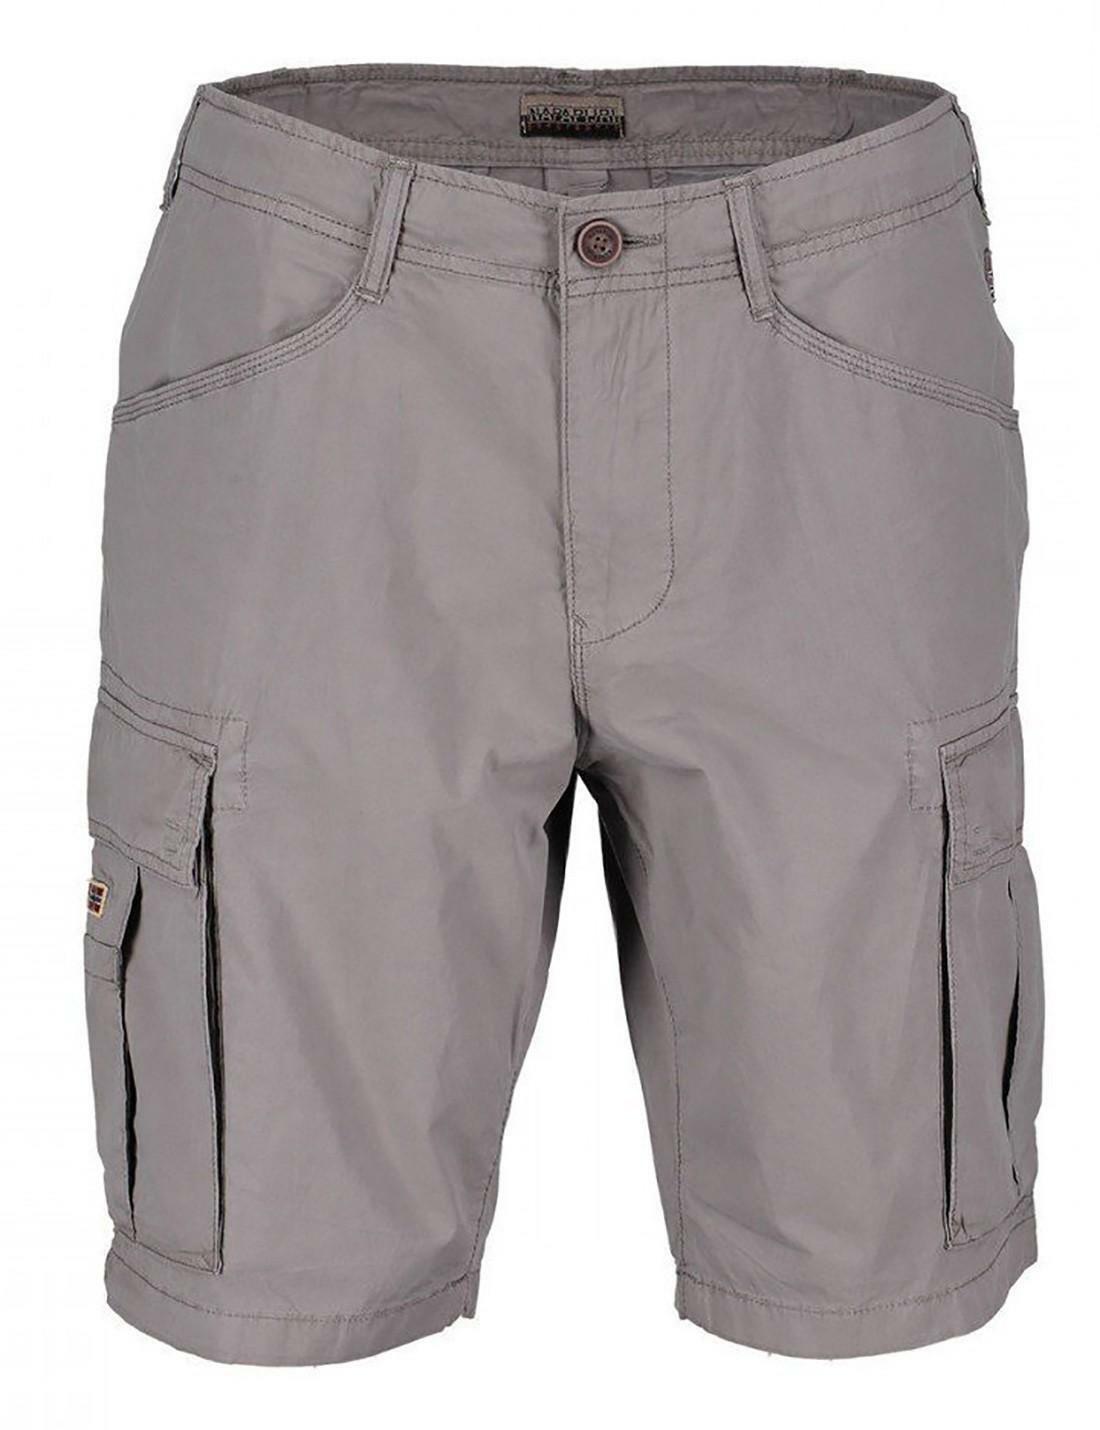 napapijri napapijri noto pantaloncini uomo grigio chiaro n0yhf6161